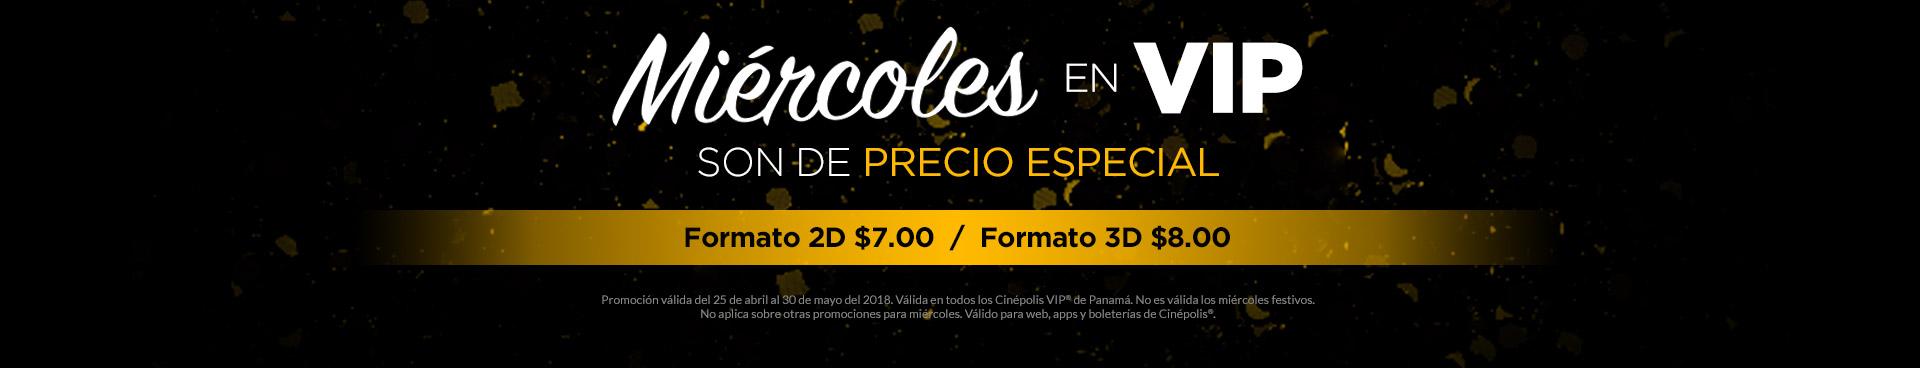 Precio especial VIP